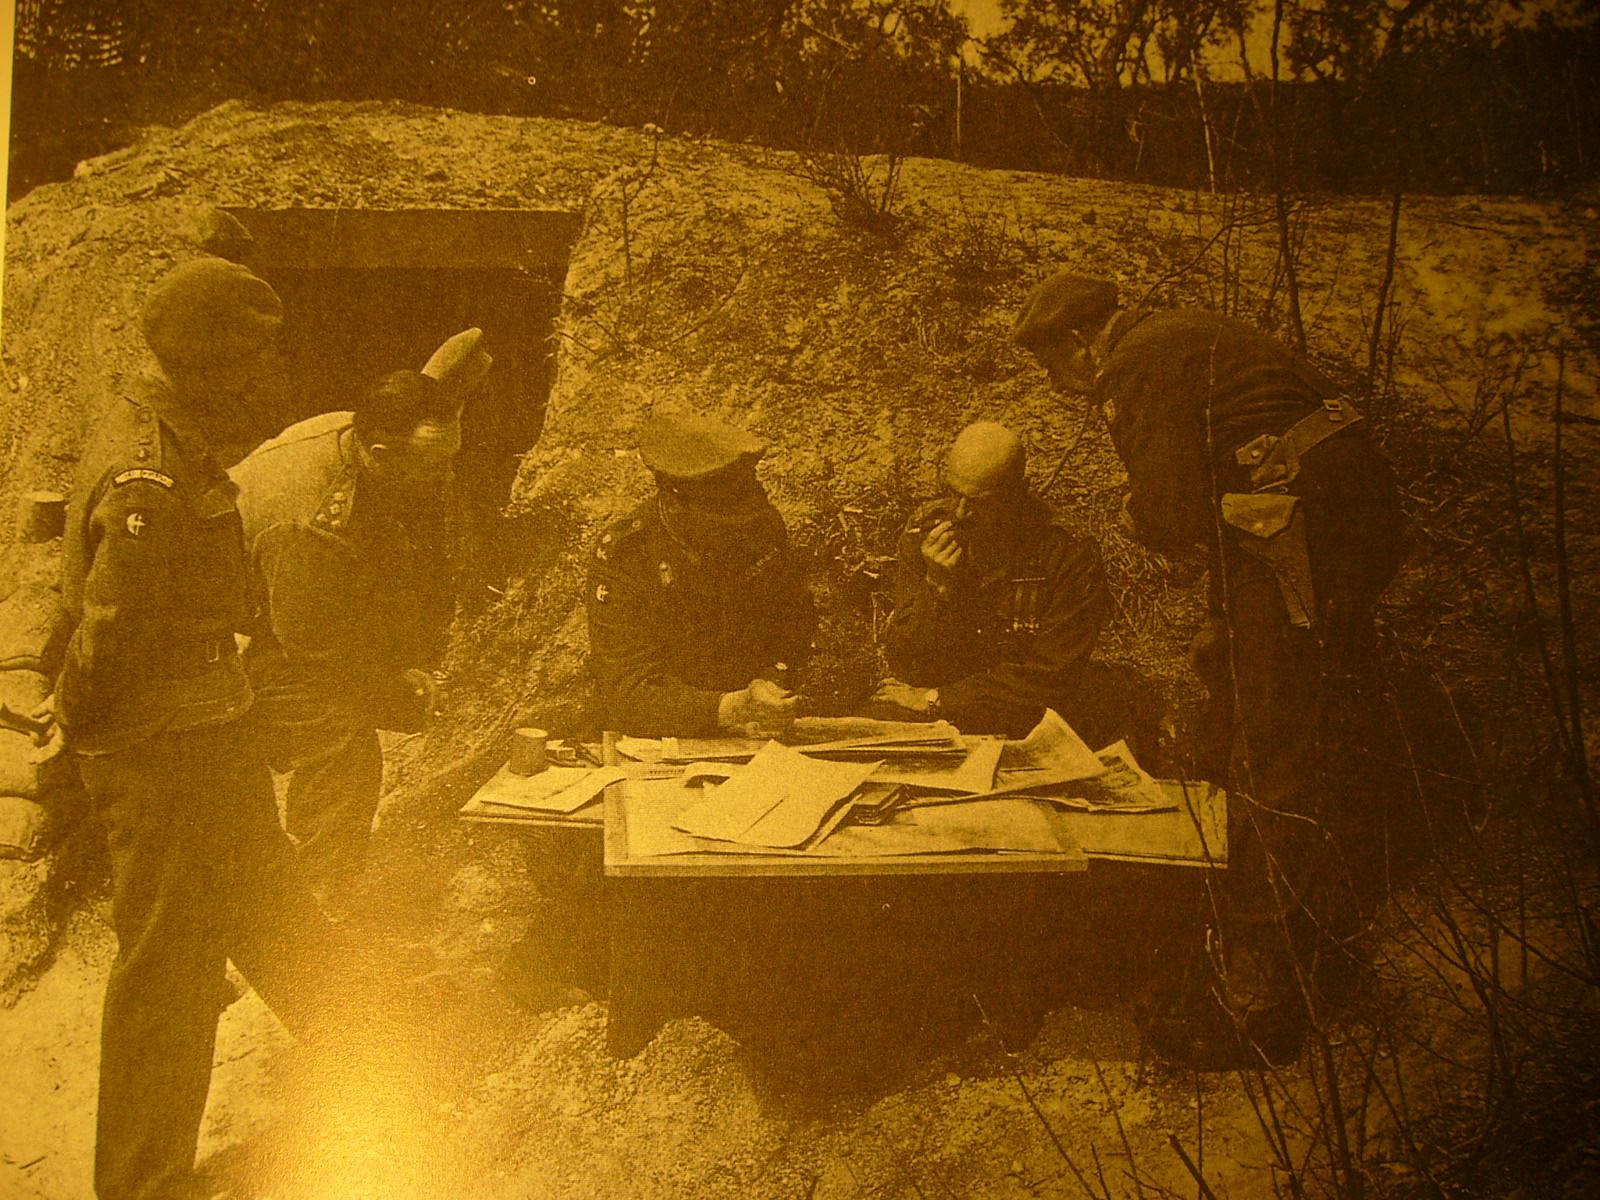 Fotografias increibles de la Segunda Guerra Mundial 4146150p1090928